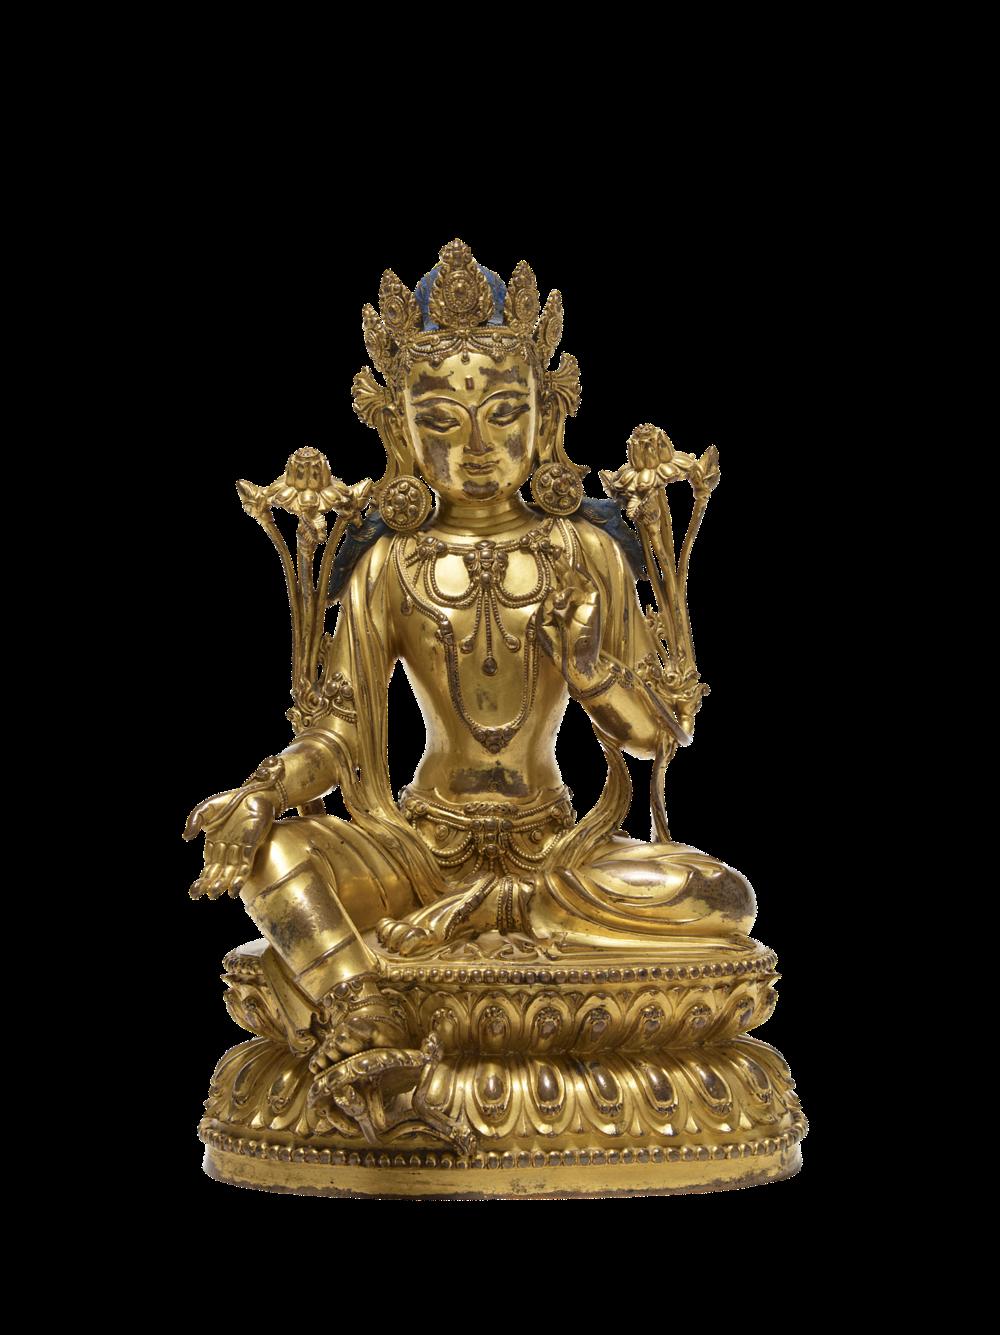 Grüne Tara (Shyamatara)